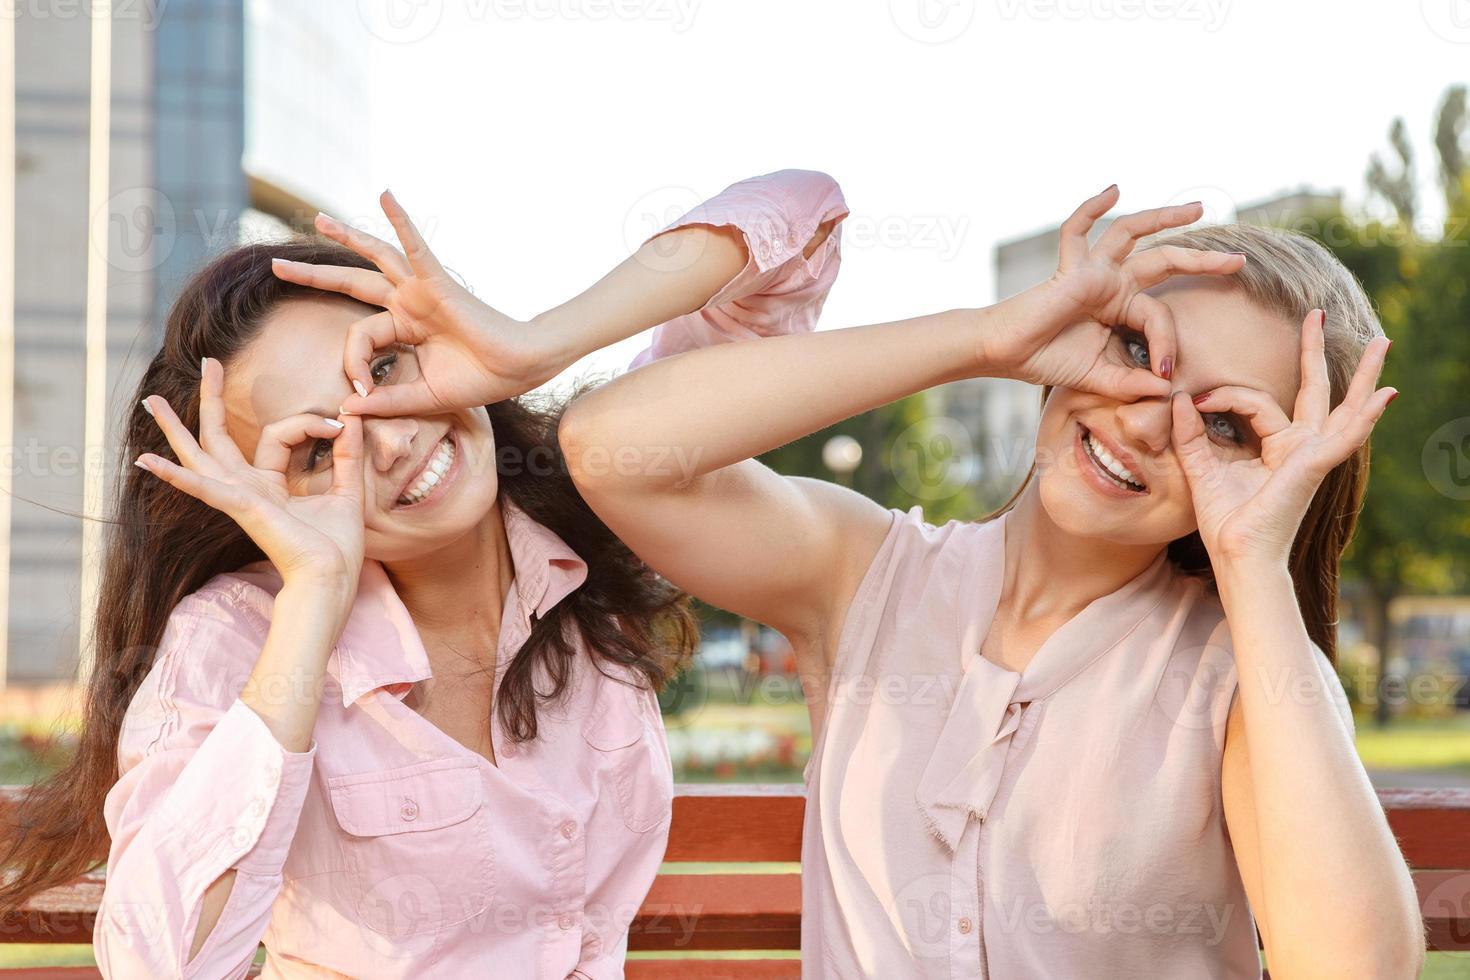 due ragazze allegre che scherzano foto